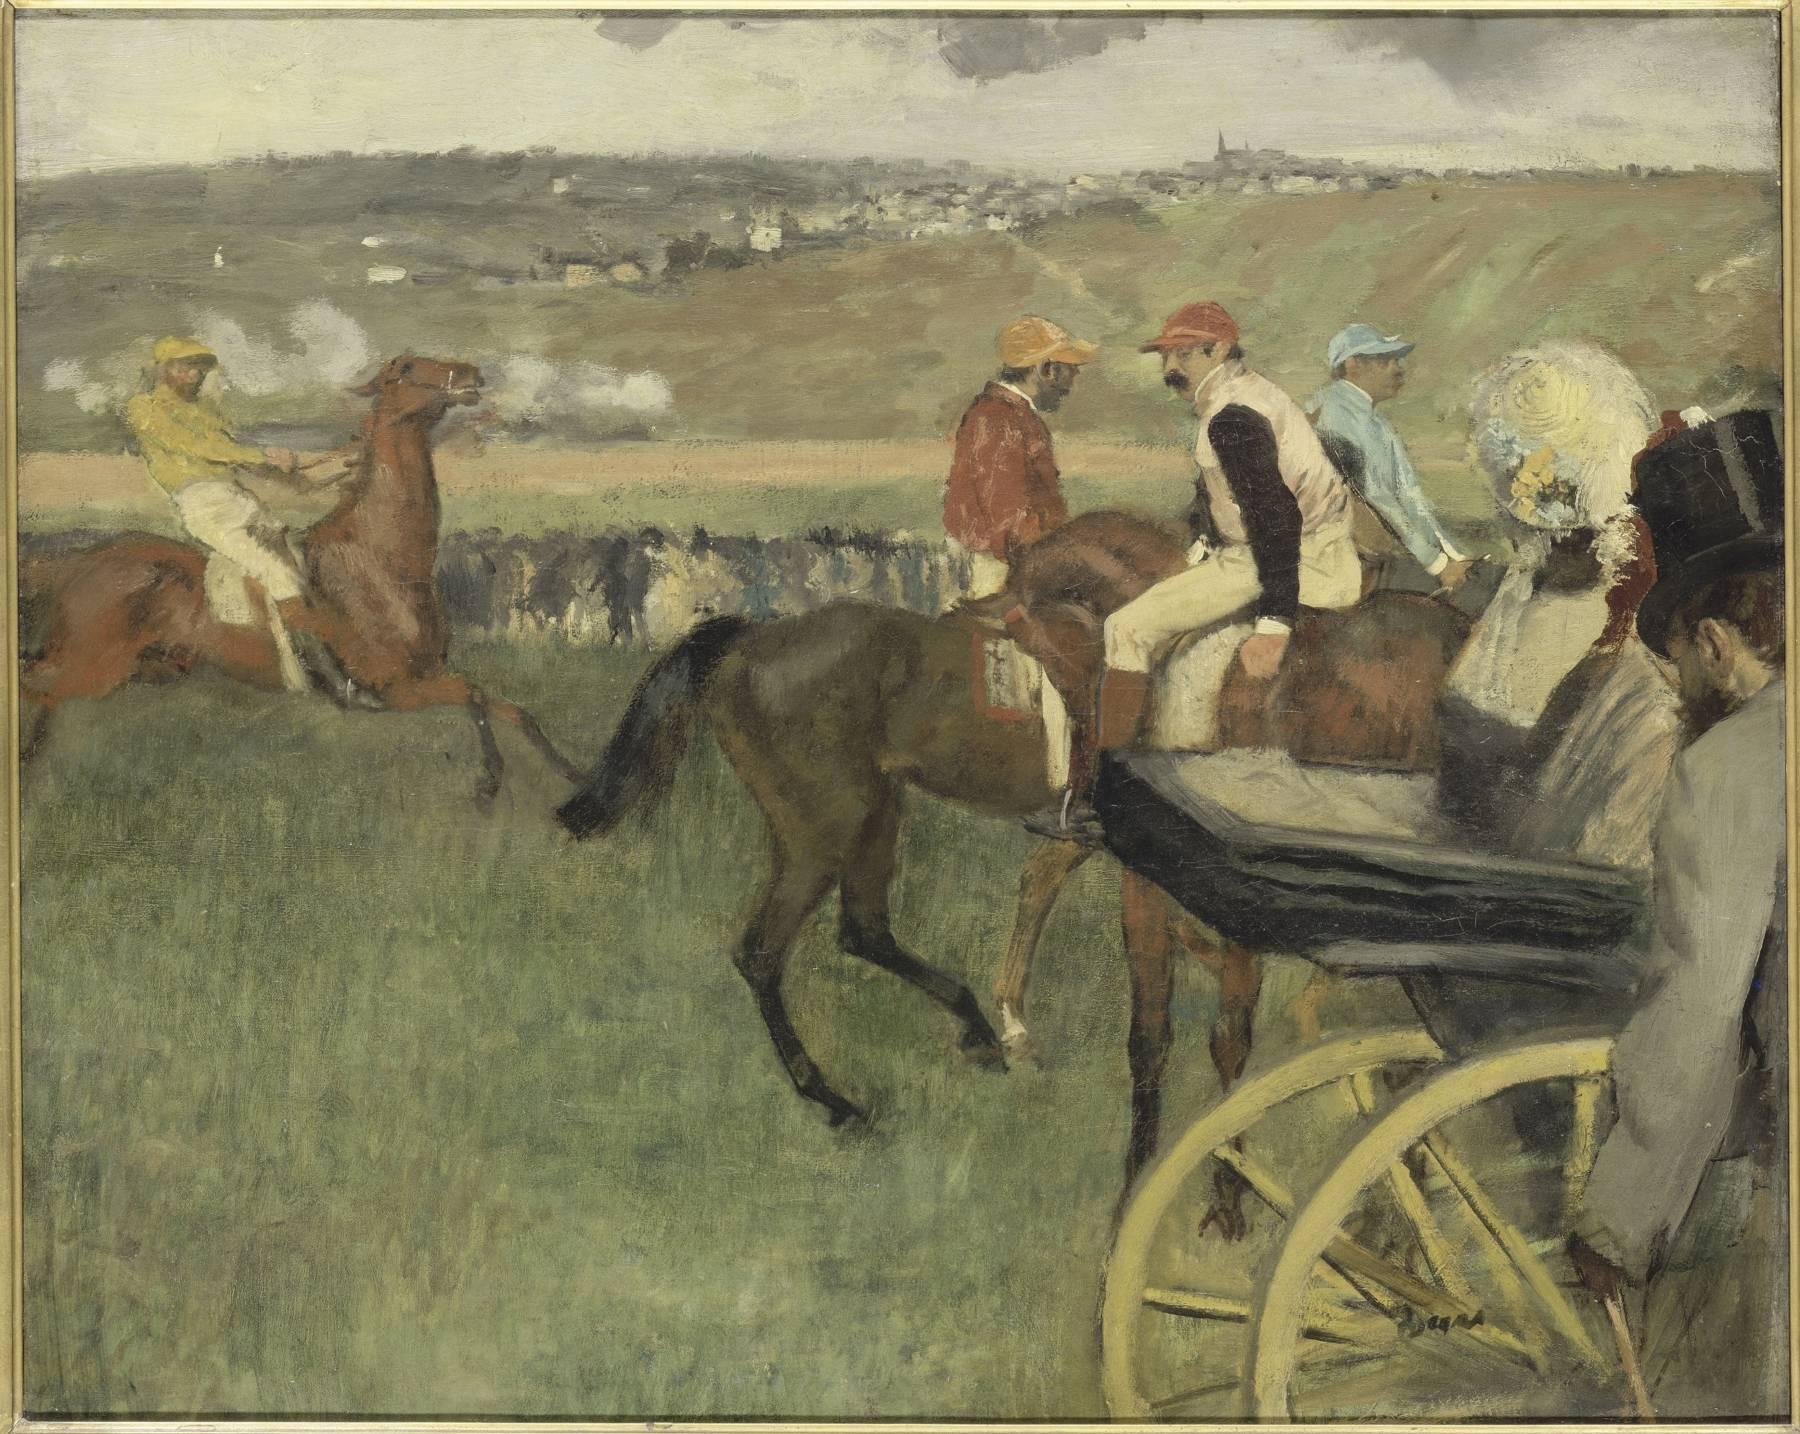 Edgar Degas, Le Champ de courses, jockeys amateurs